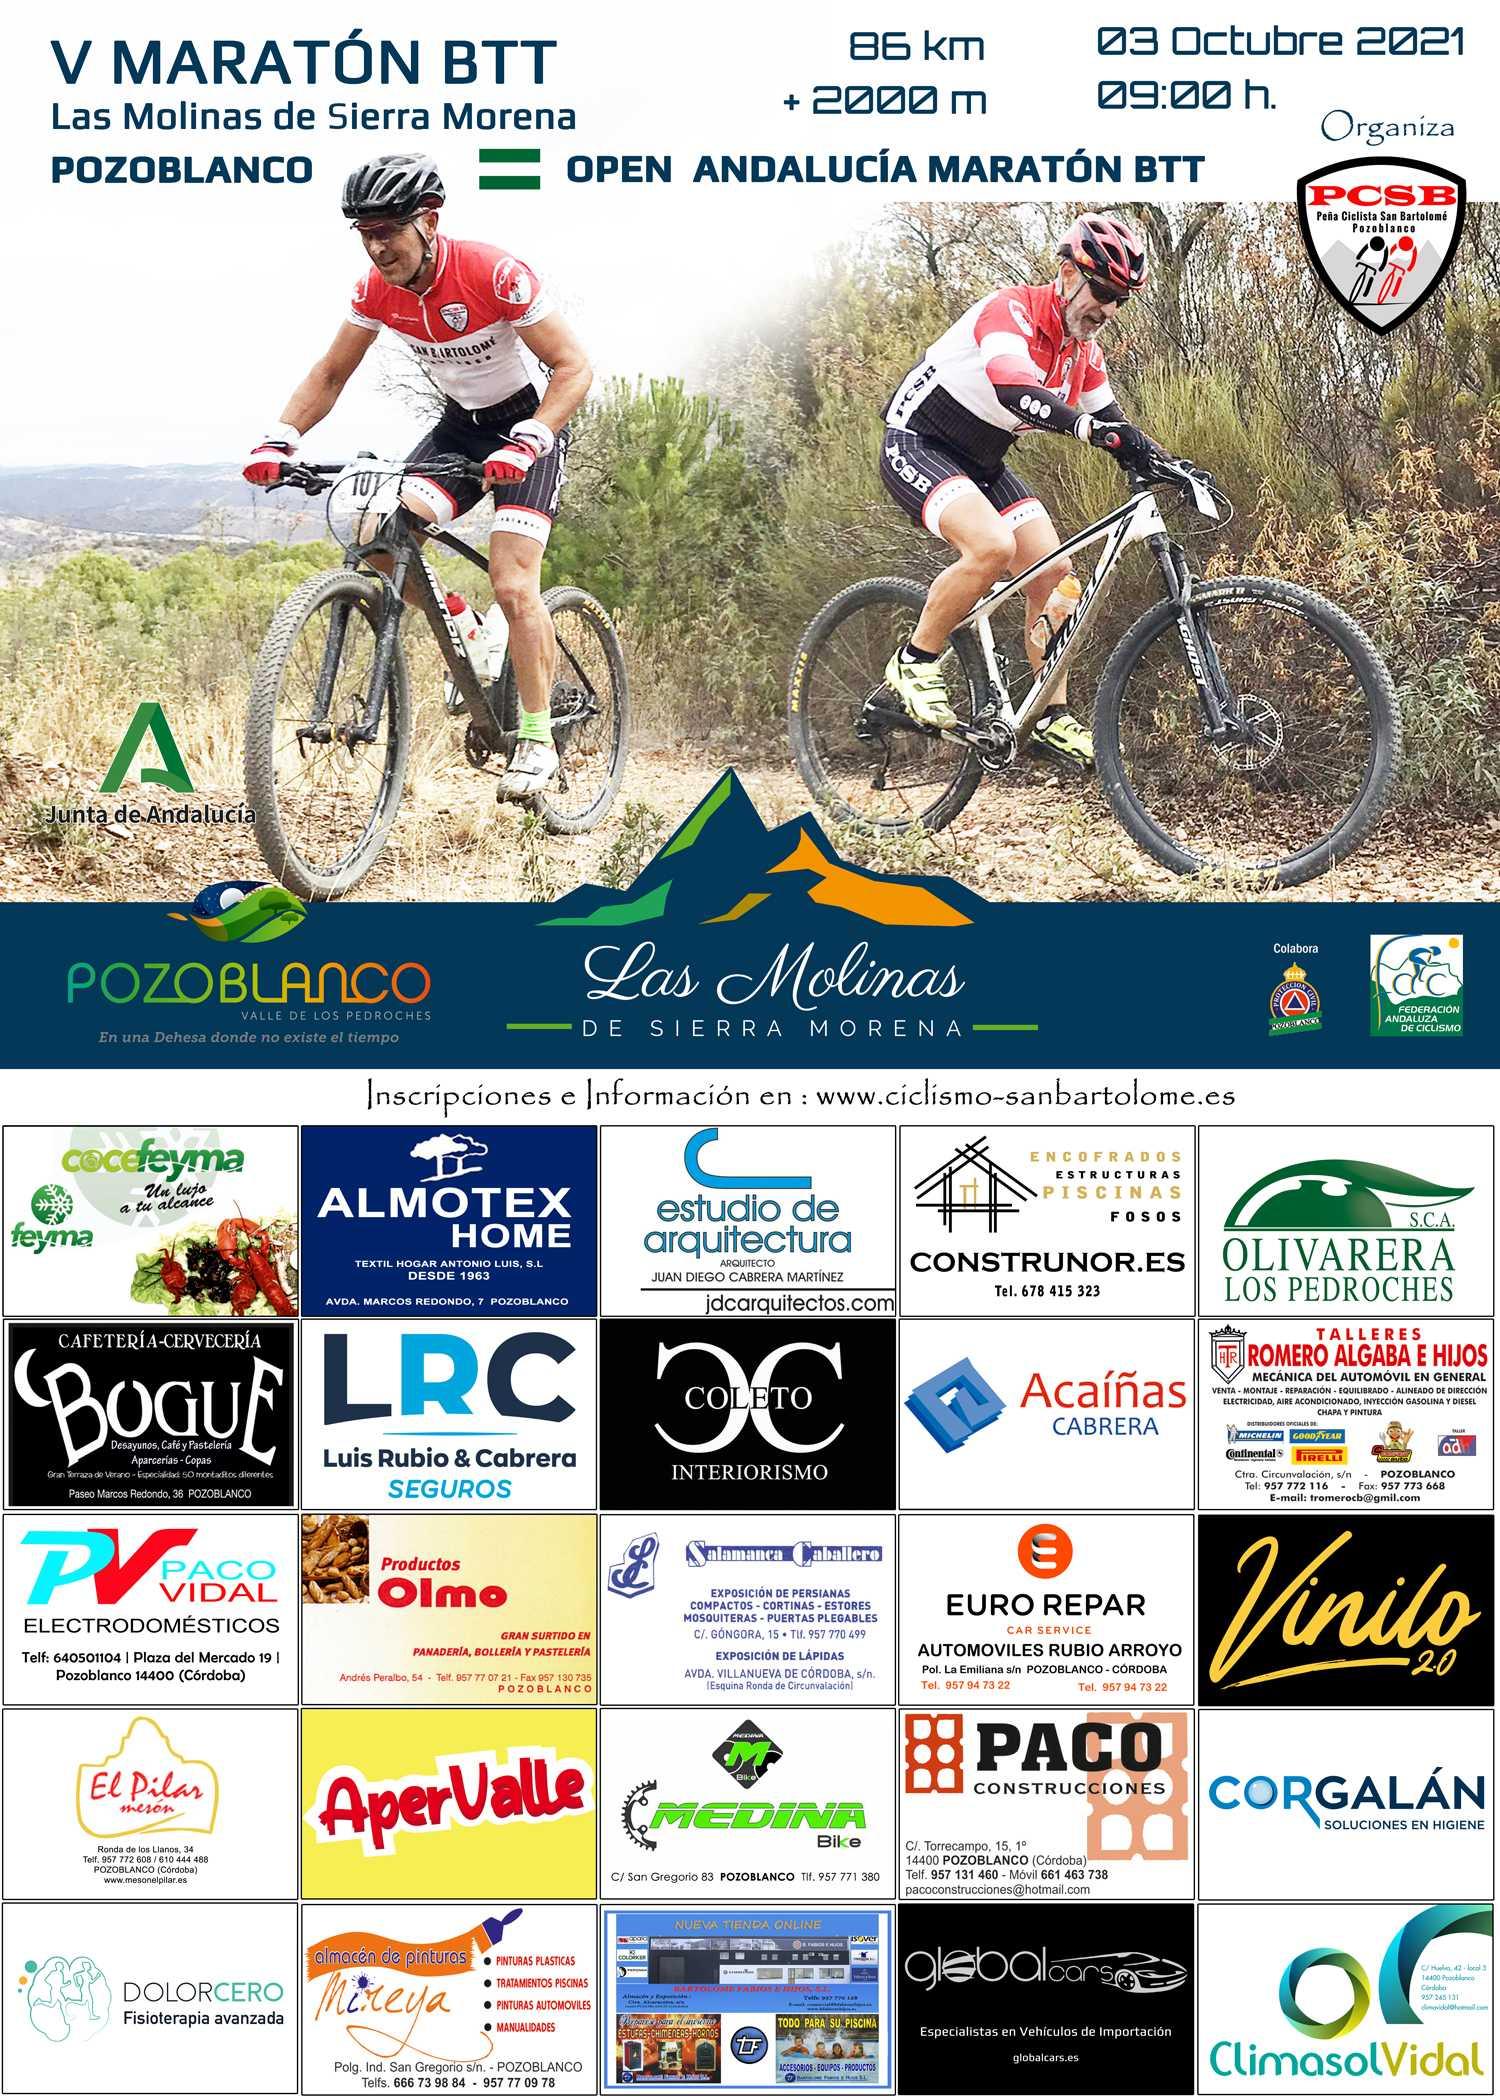 Las Molinas de Sierra Morena retoman el Open de Andalucía XCM 2021